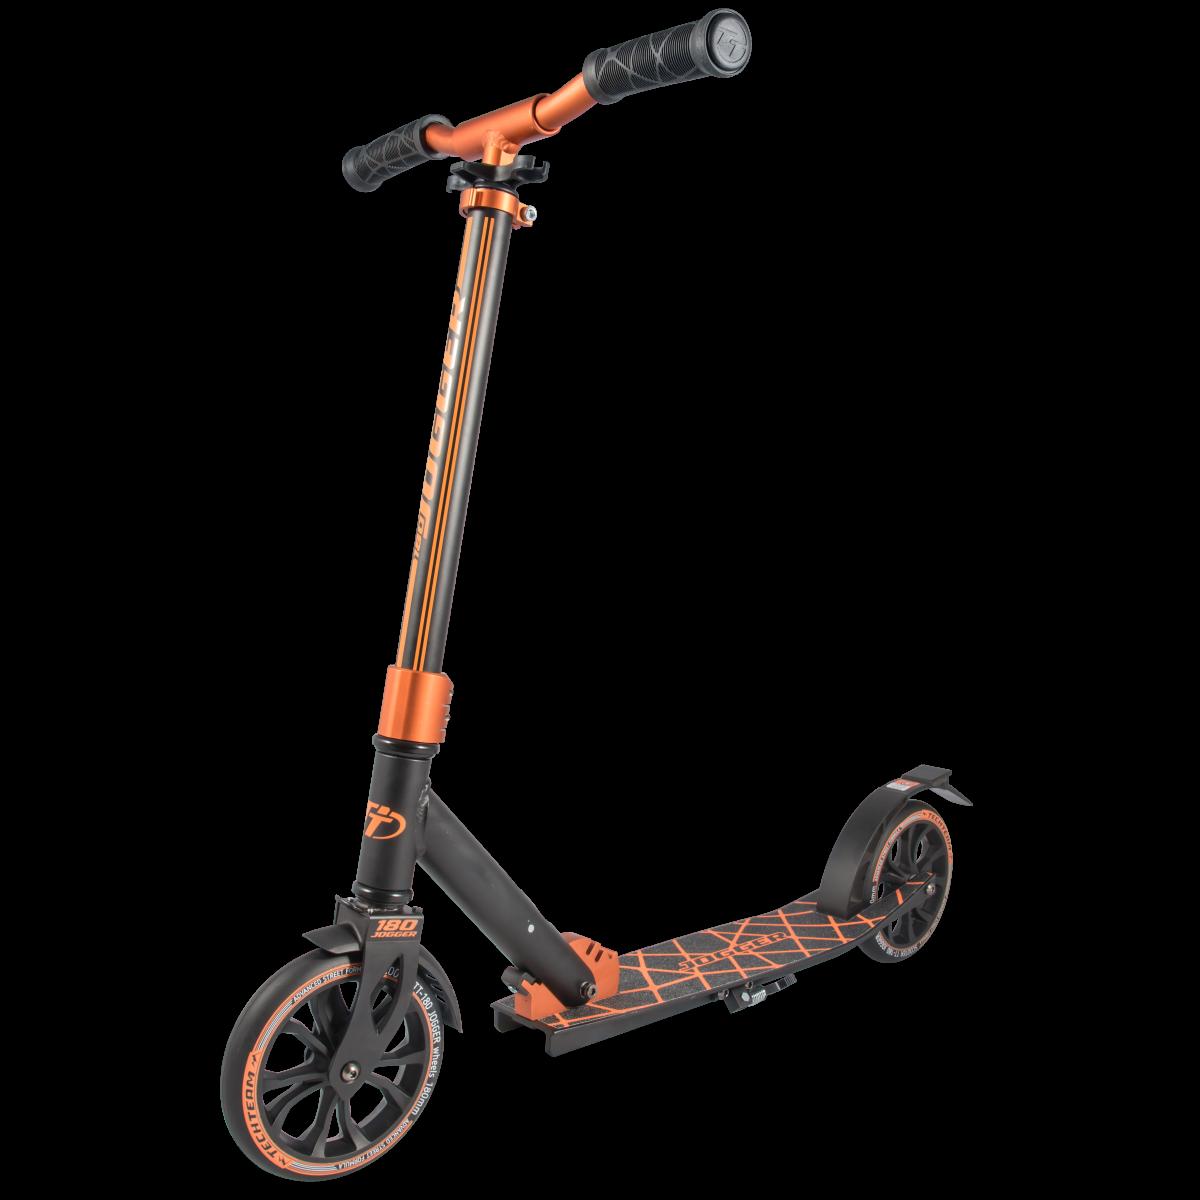 Самокат TechTeam Jogger 180 2019 черно-оранжевый